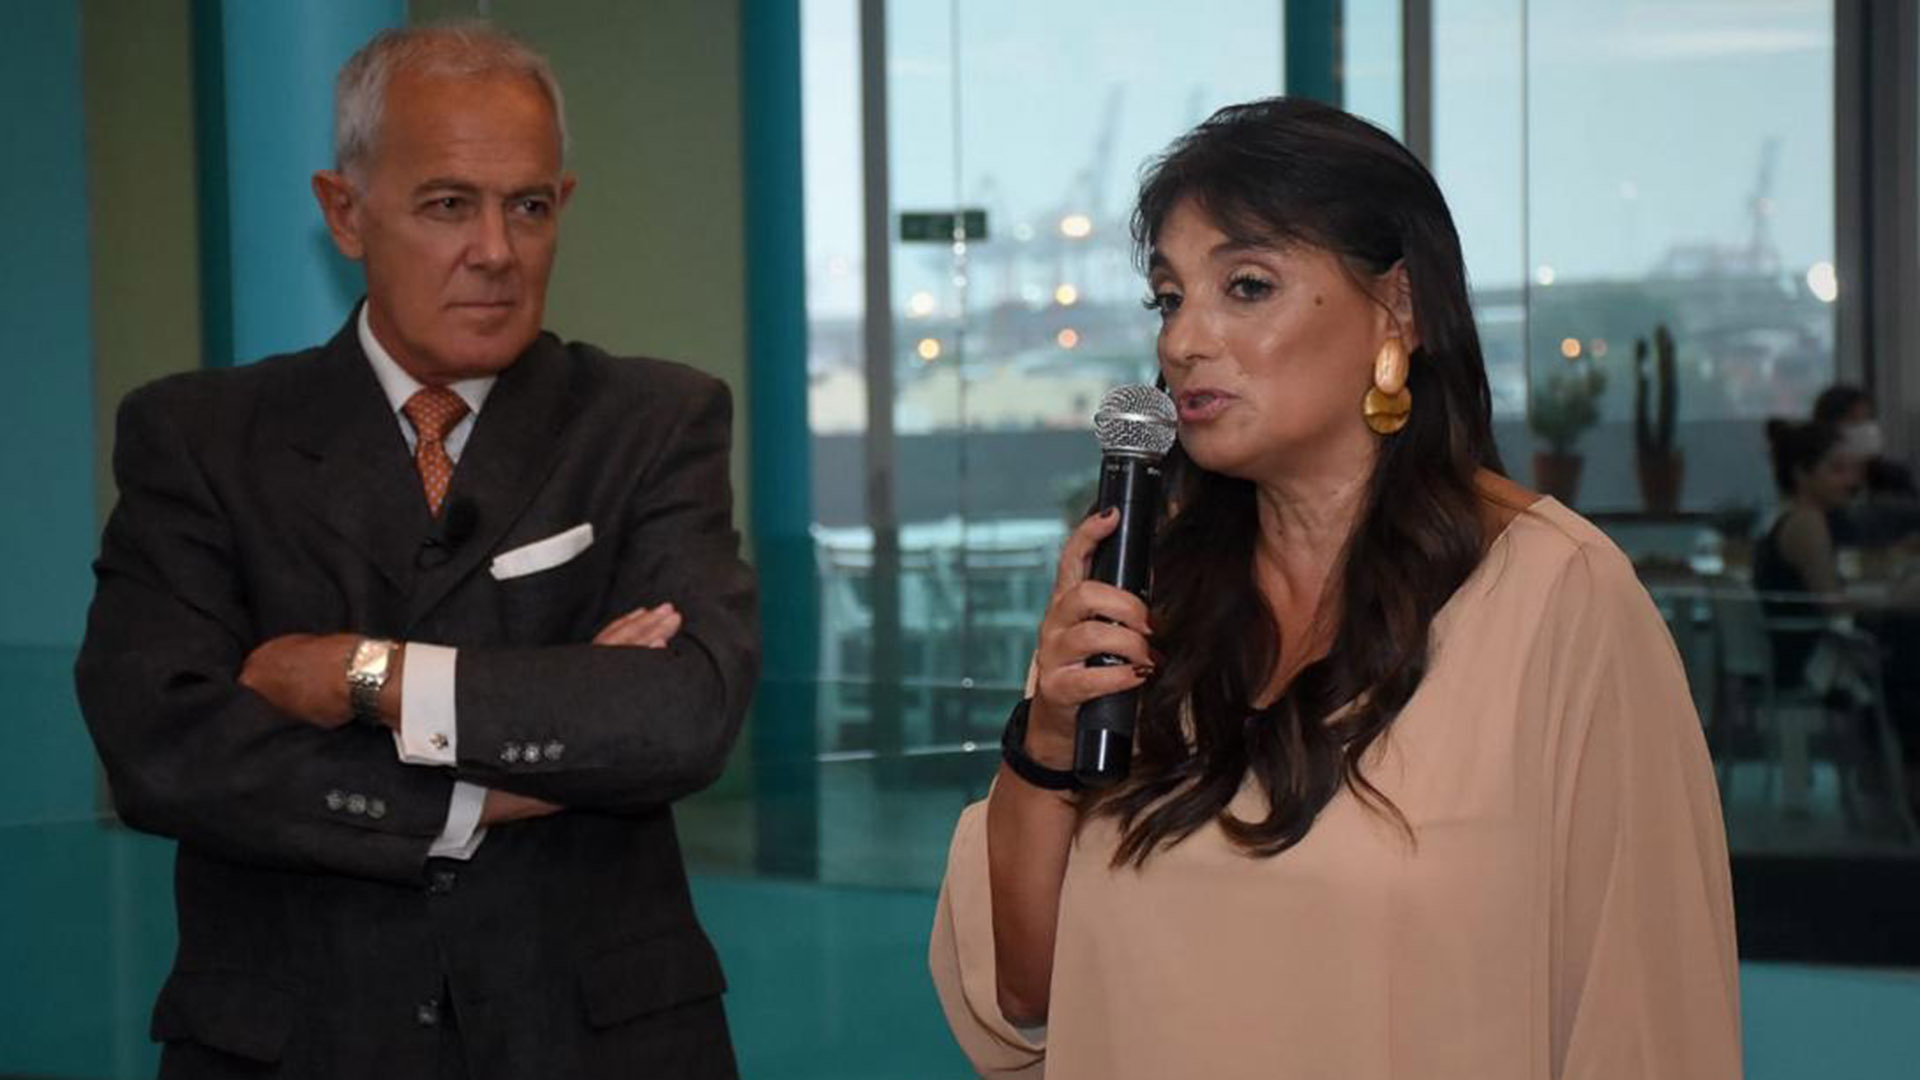 Viviana Zocco, fundadora y CEO del Grupo VI-DA, especializada en desarrollo de productos digitales para la cultura, la educación y los medios de comunicación. Asimismo, es fundadora y CEO de TKM, una plataforma líder de entretenimiento en español, y es líder del capítulo UpWard Women Argentina, red internacional de Mujeres Ejecutivas